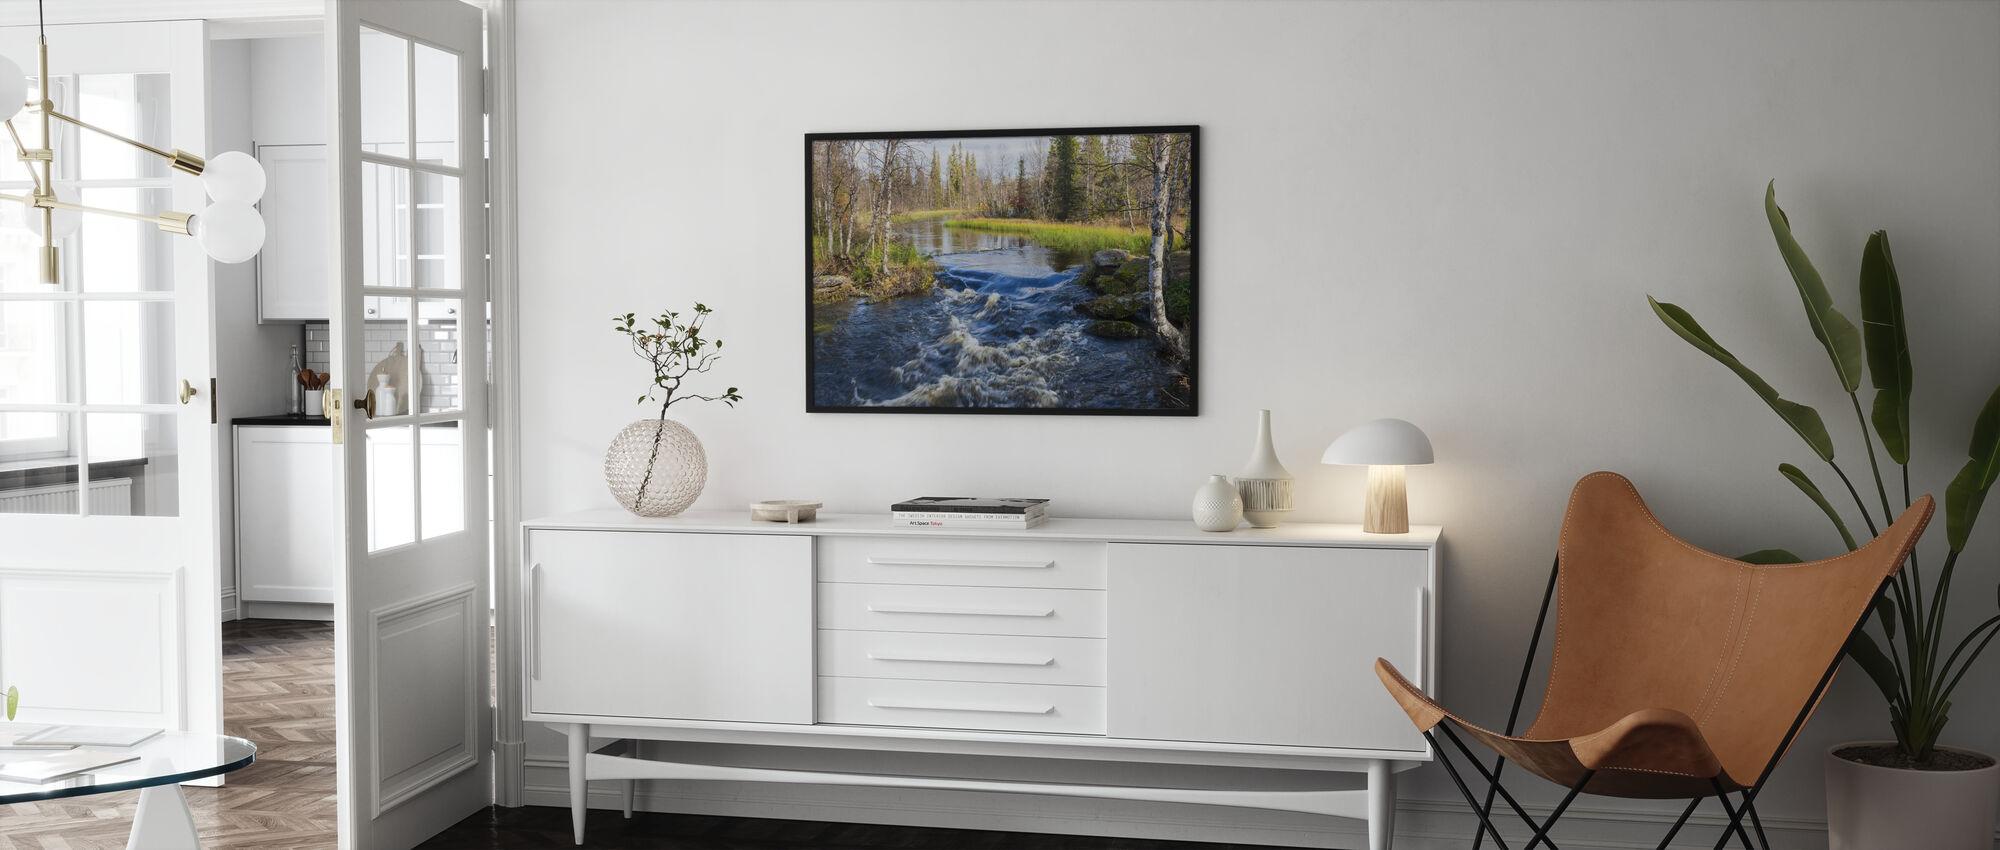 Lapland River - Framed print - Living Room